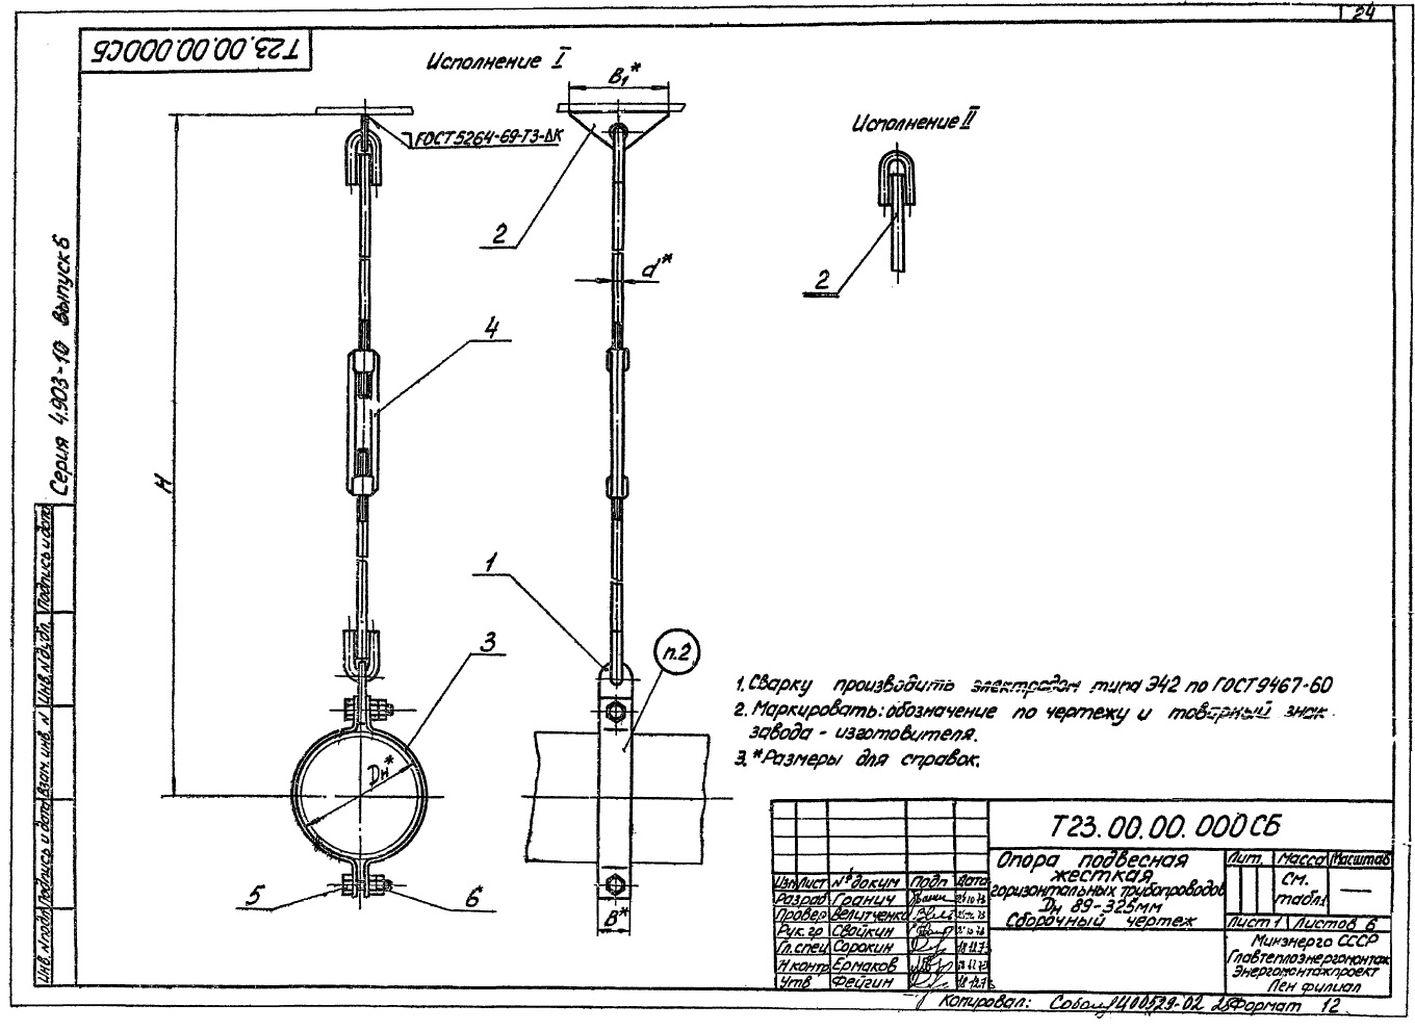 Опора подвижная жесткая Т23 с.4.903-10 вып.6 стр.1